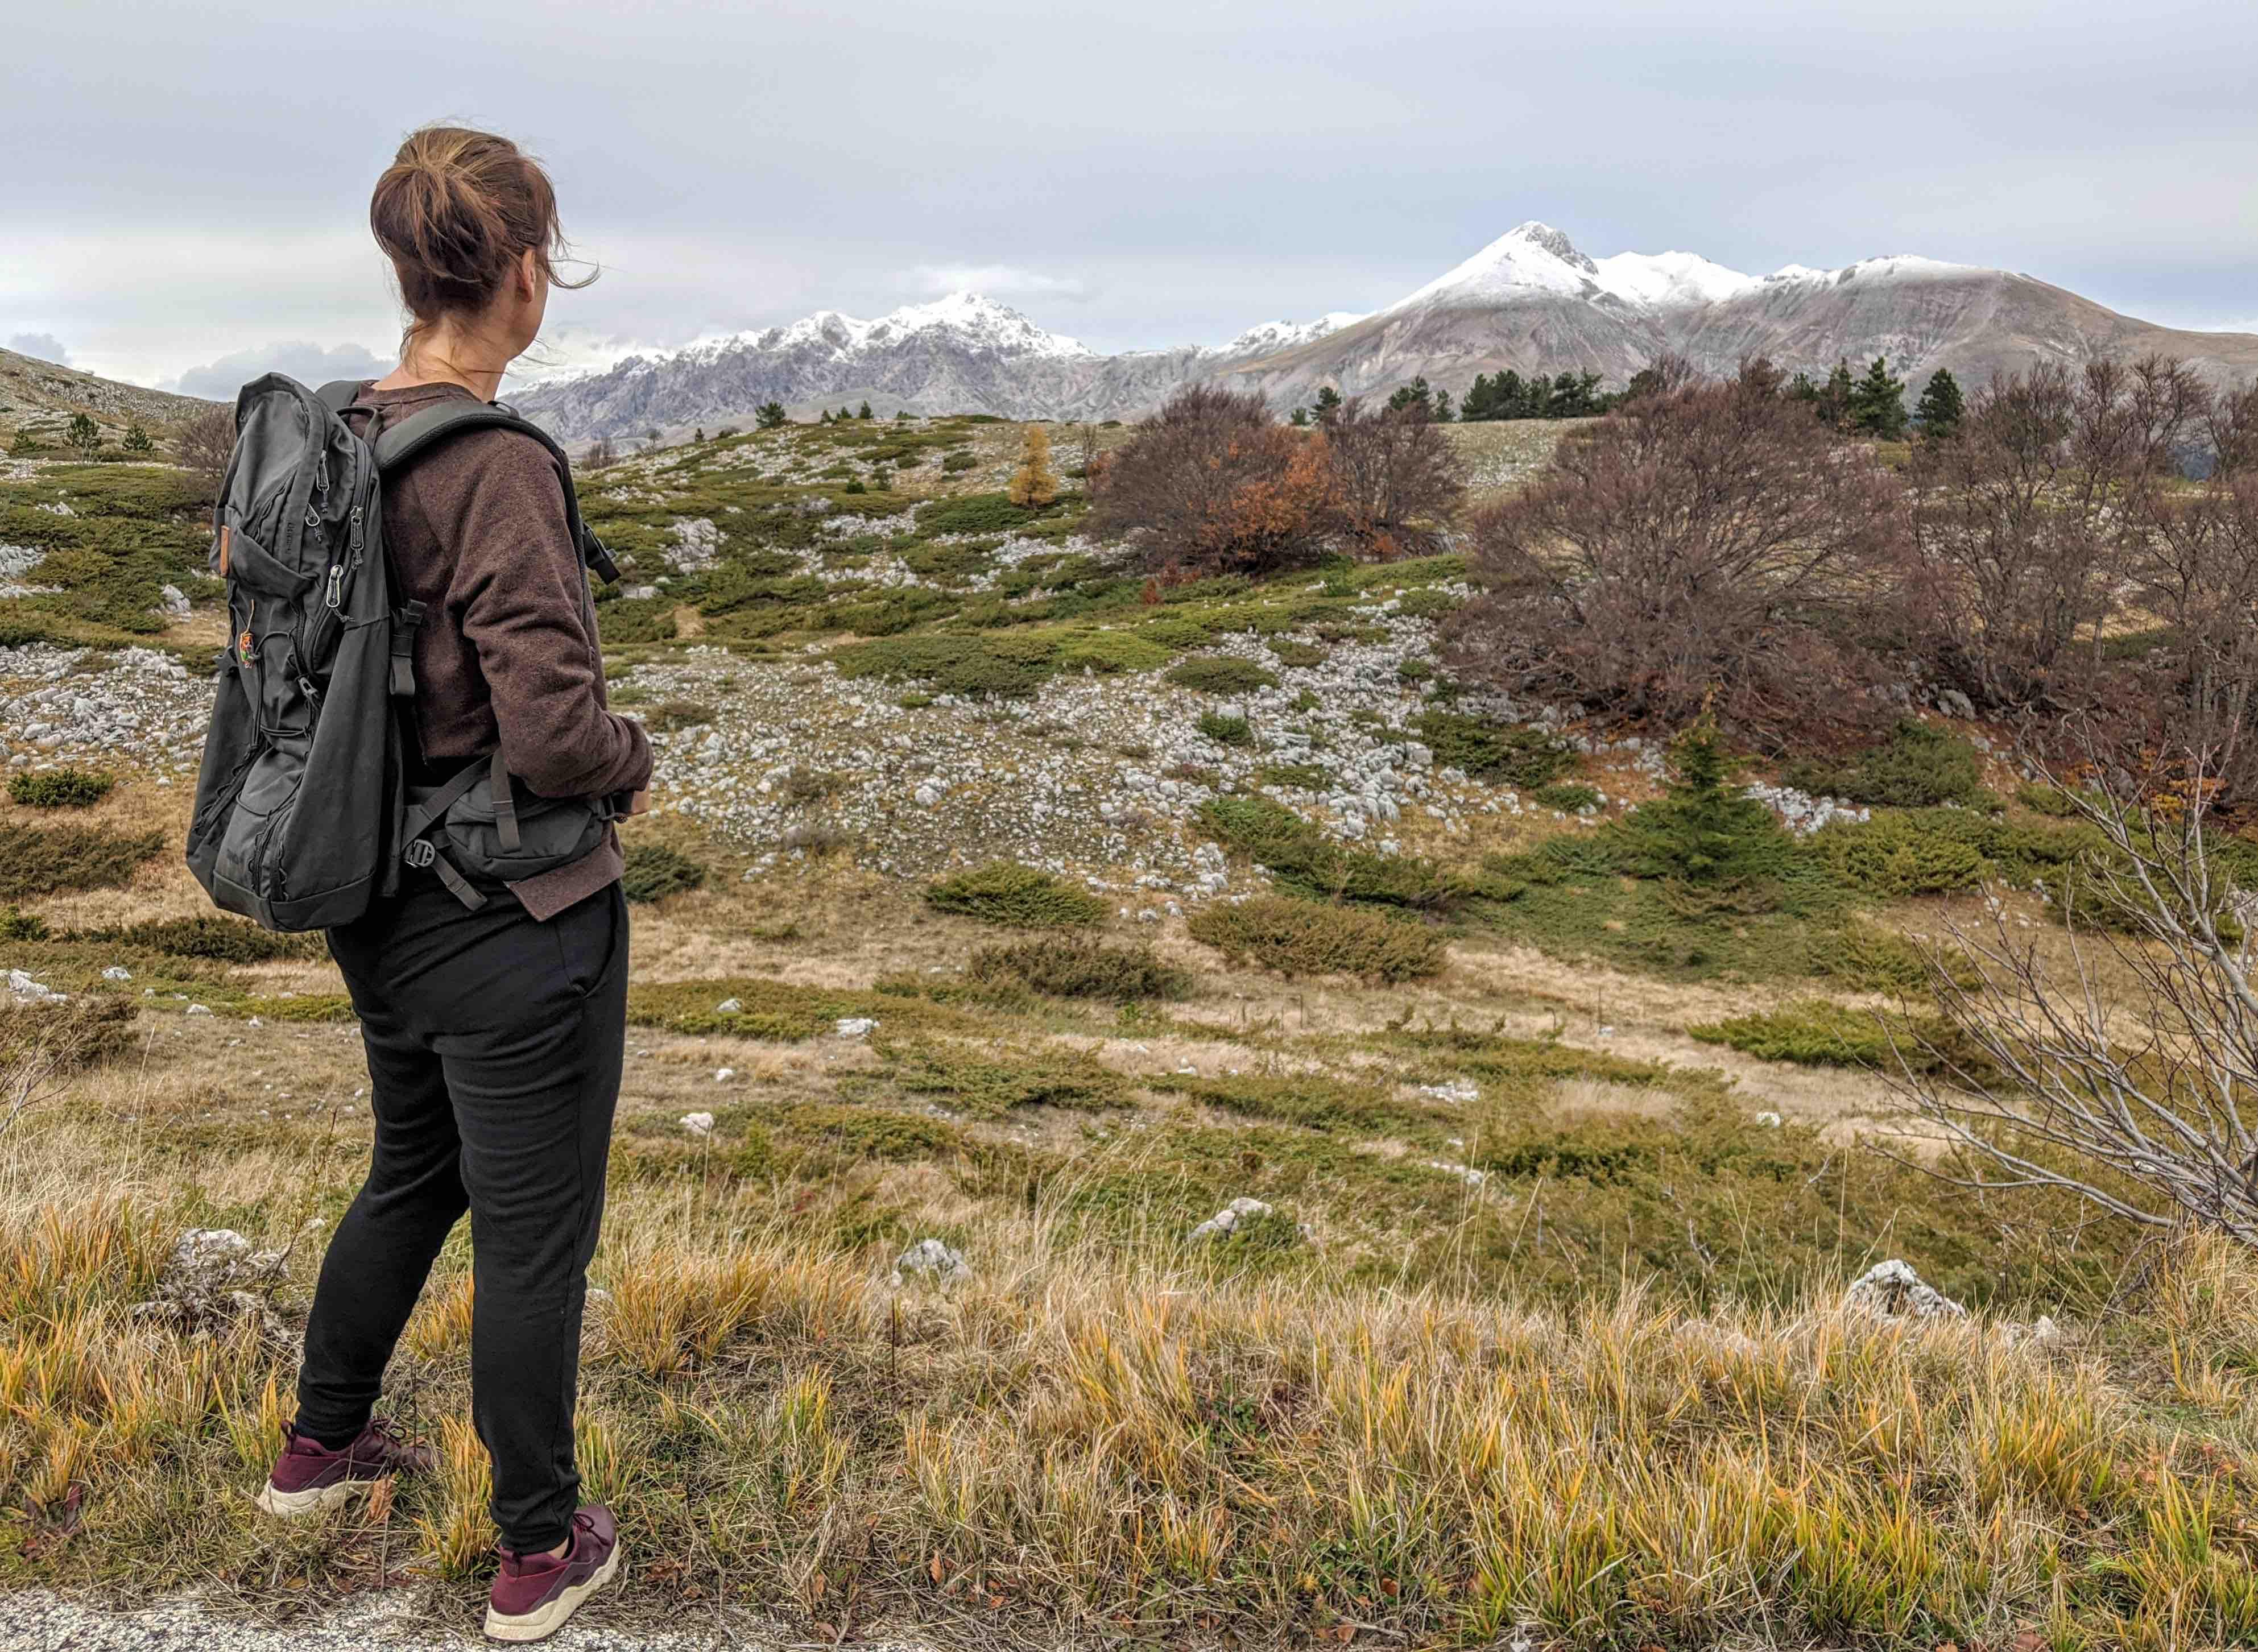 Trekking backpack Fjallraven